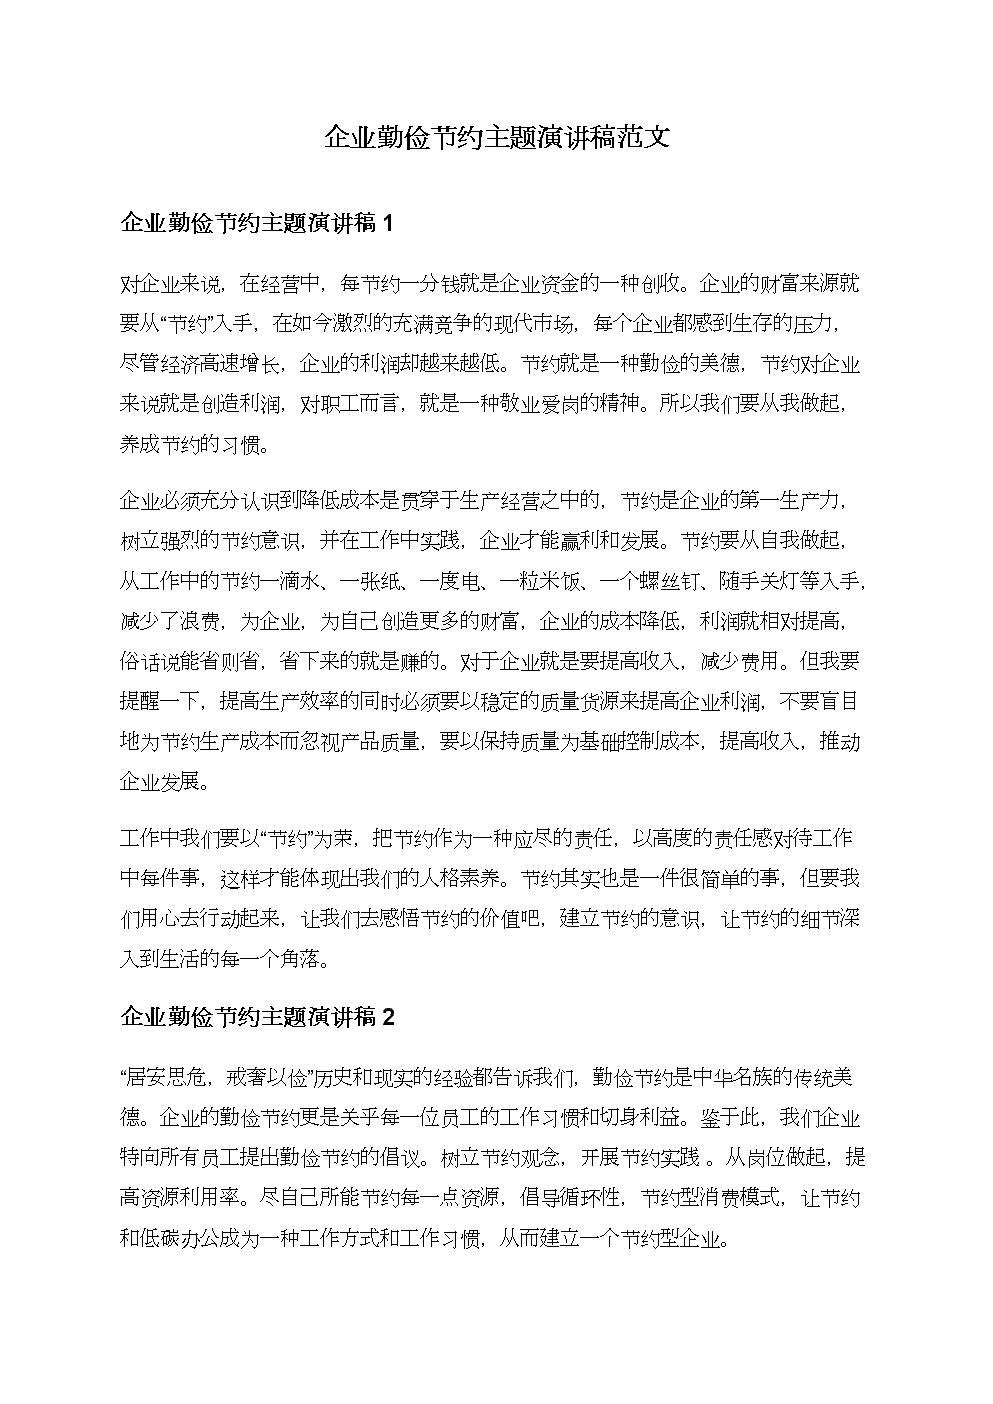 企业勤俭节约主题演讲稿范文.doc